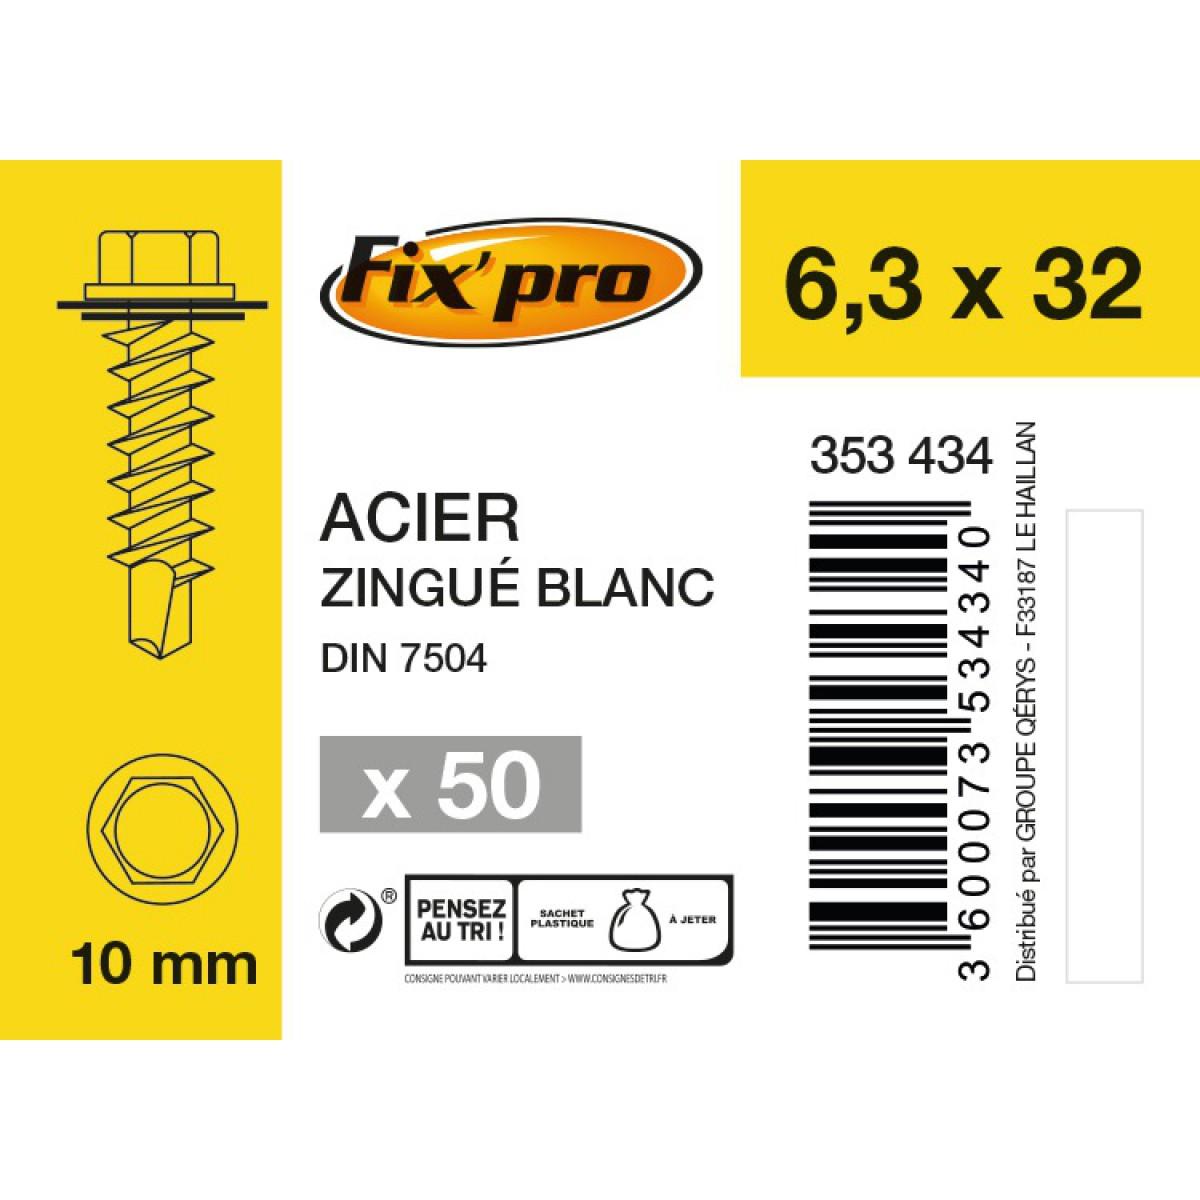 Vis tête hexagonale autoforeuse + rondelle acier zingué - 6,3x32 - 50pces - Fixpro